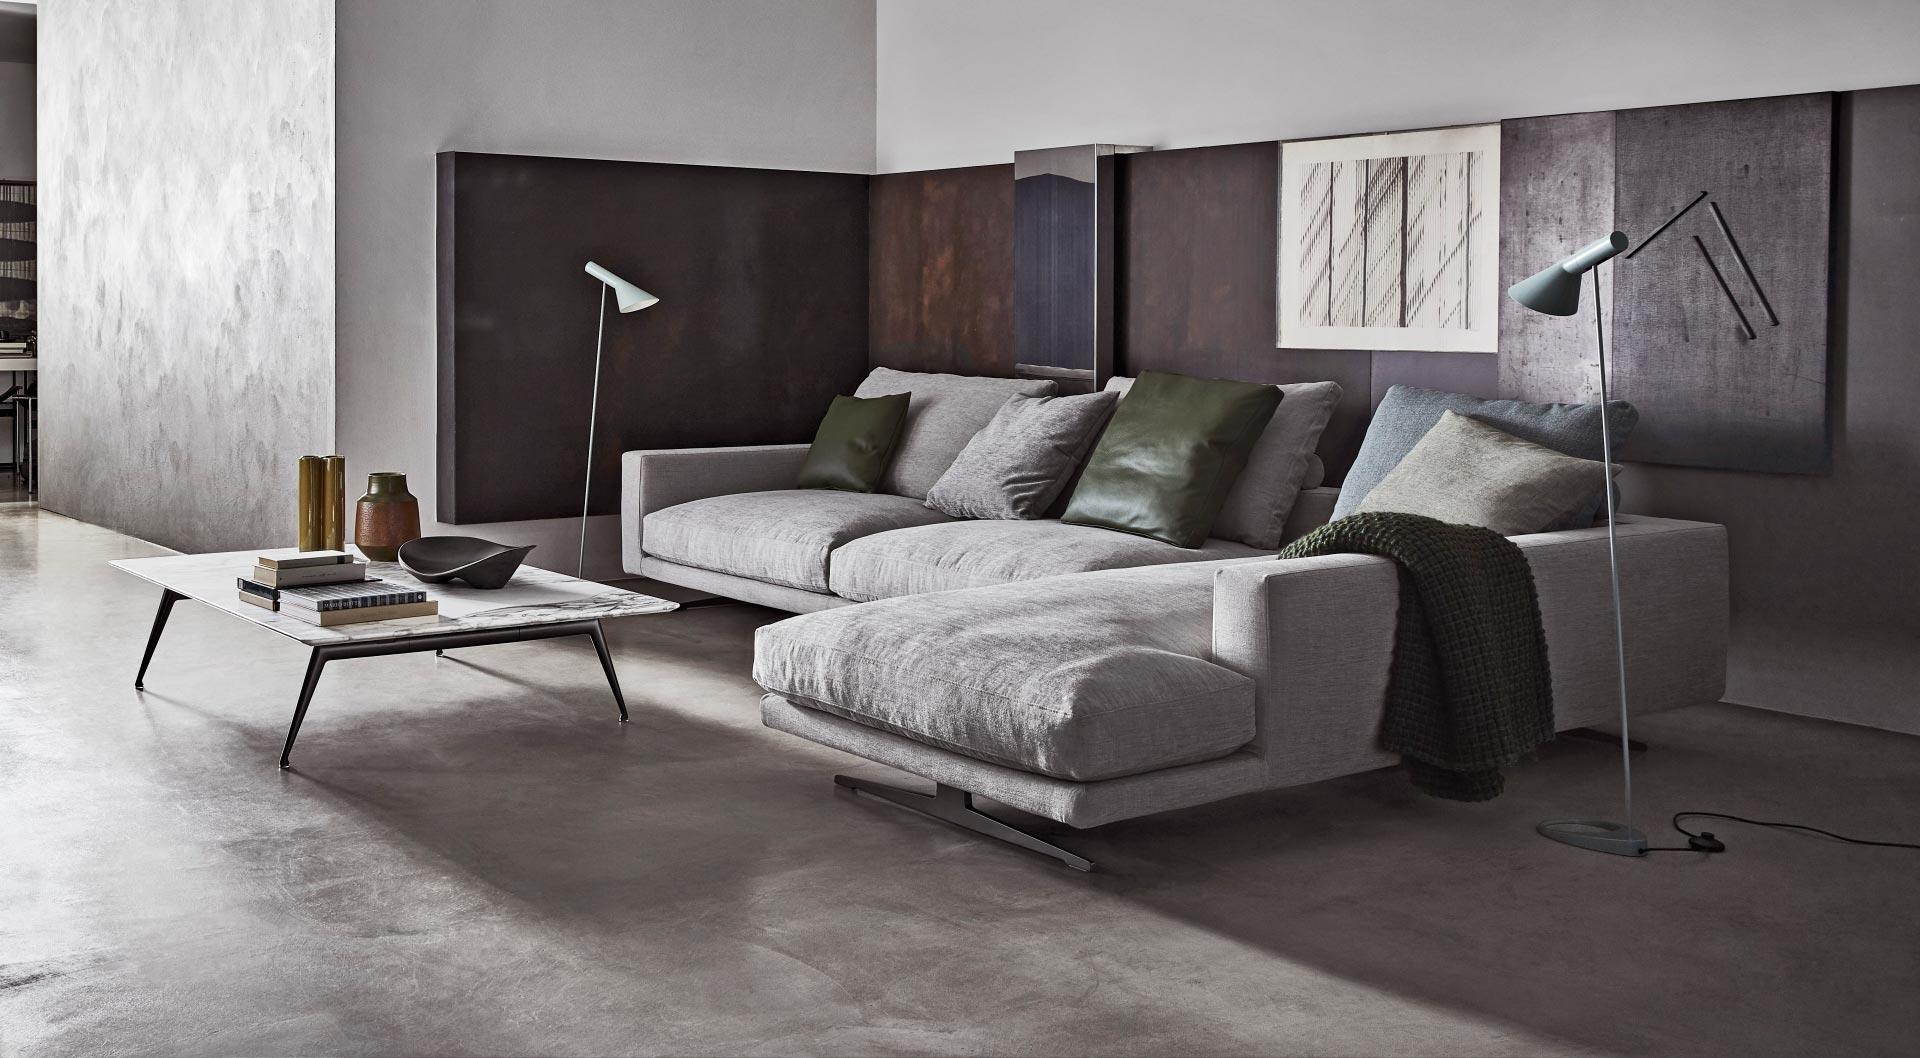 Flexform Brand Category Image - Flexform Campiello Modular Sofa